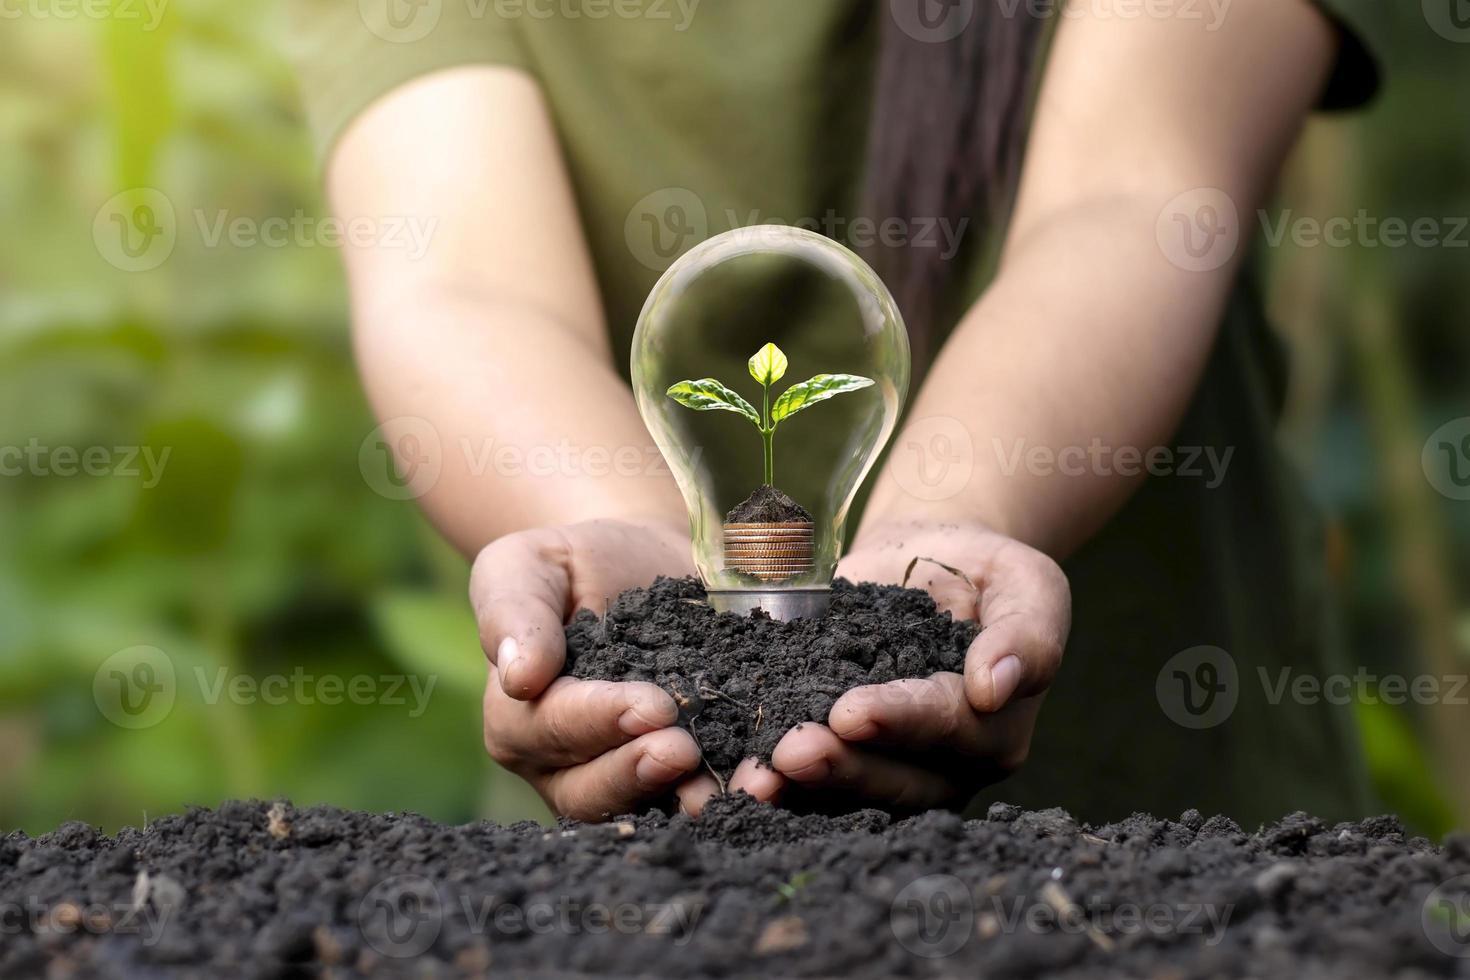 un arbolito que crece sobre una moneda de plata y bombillas de bajo consumo, un concepto de ahorro energético y una energía limpia respetuosa con el medio ambiente. foto